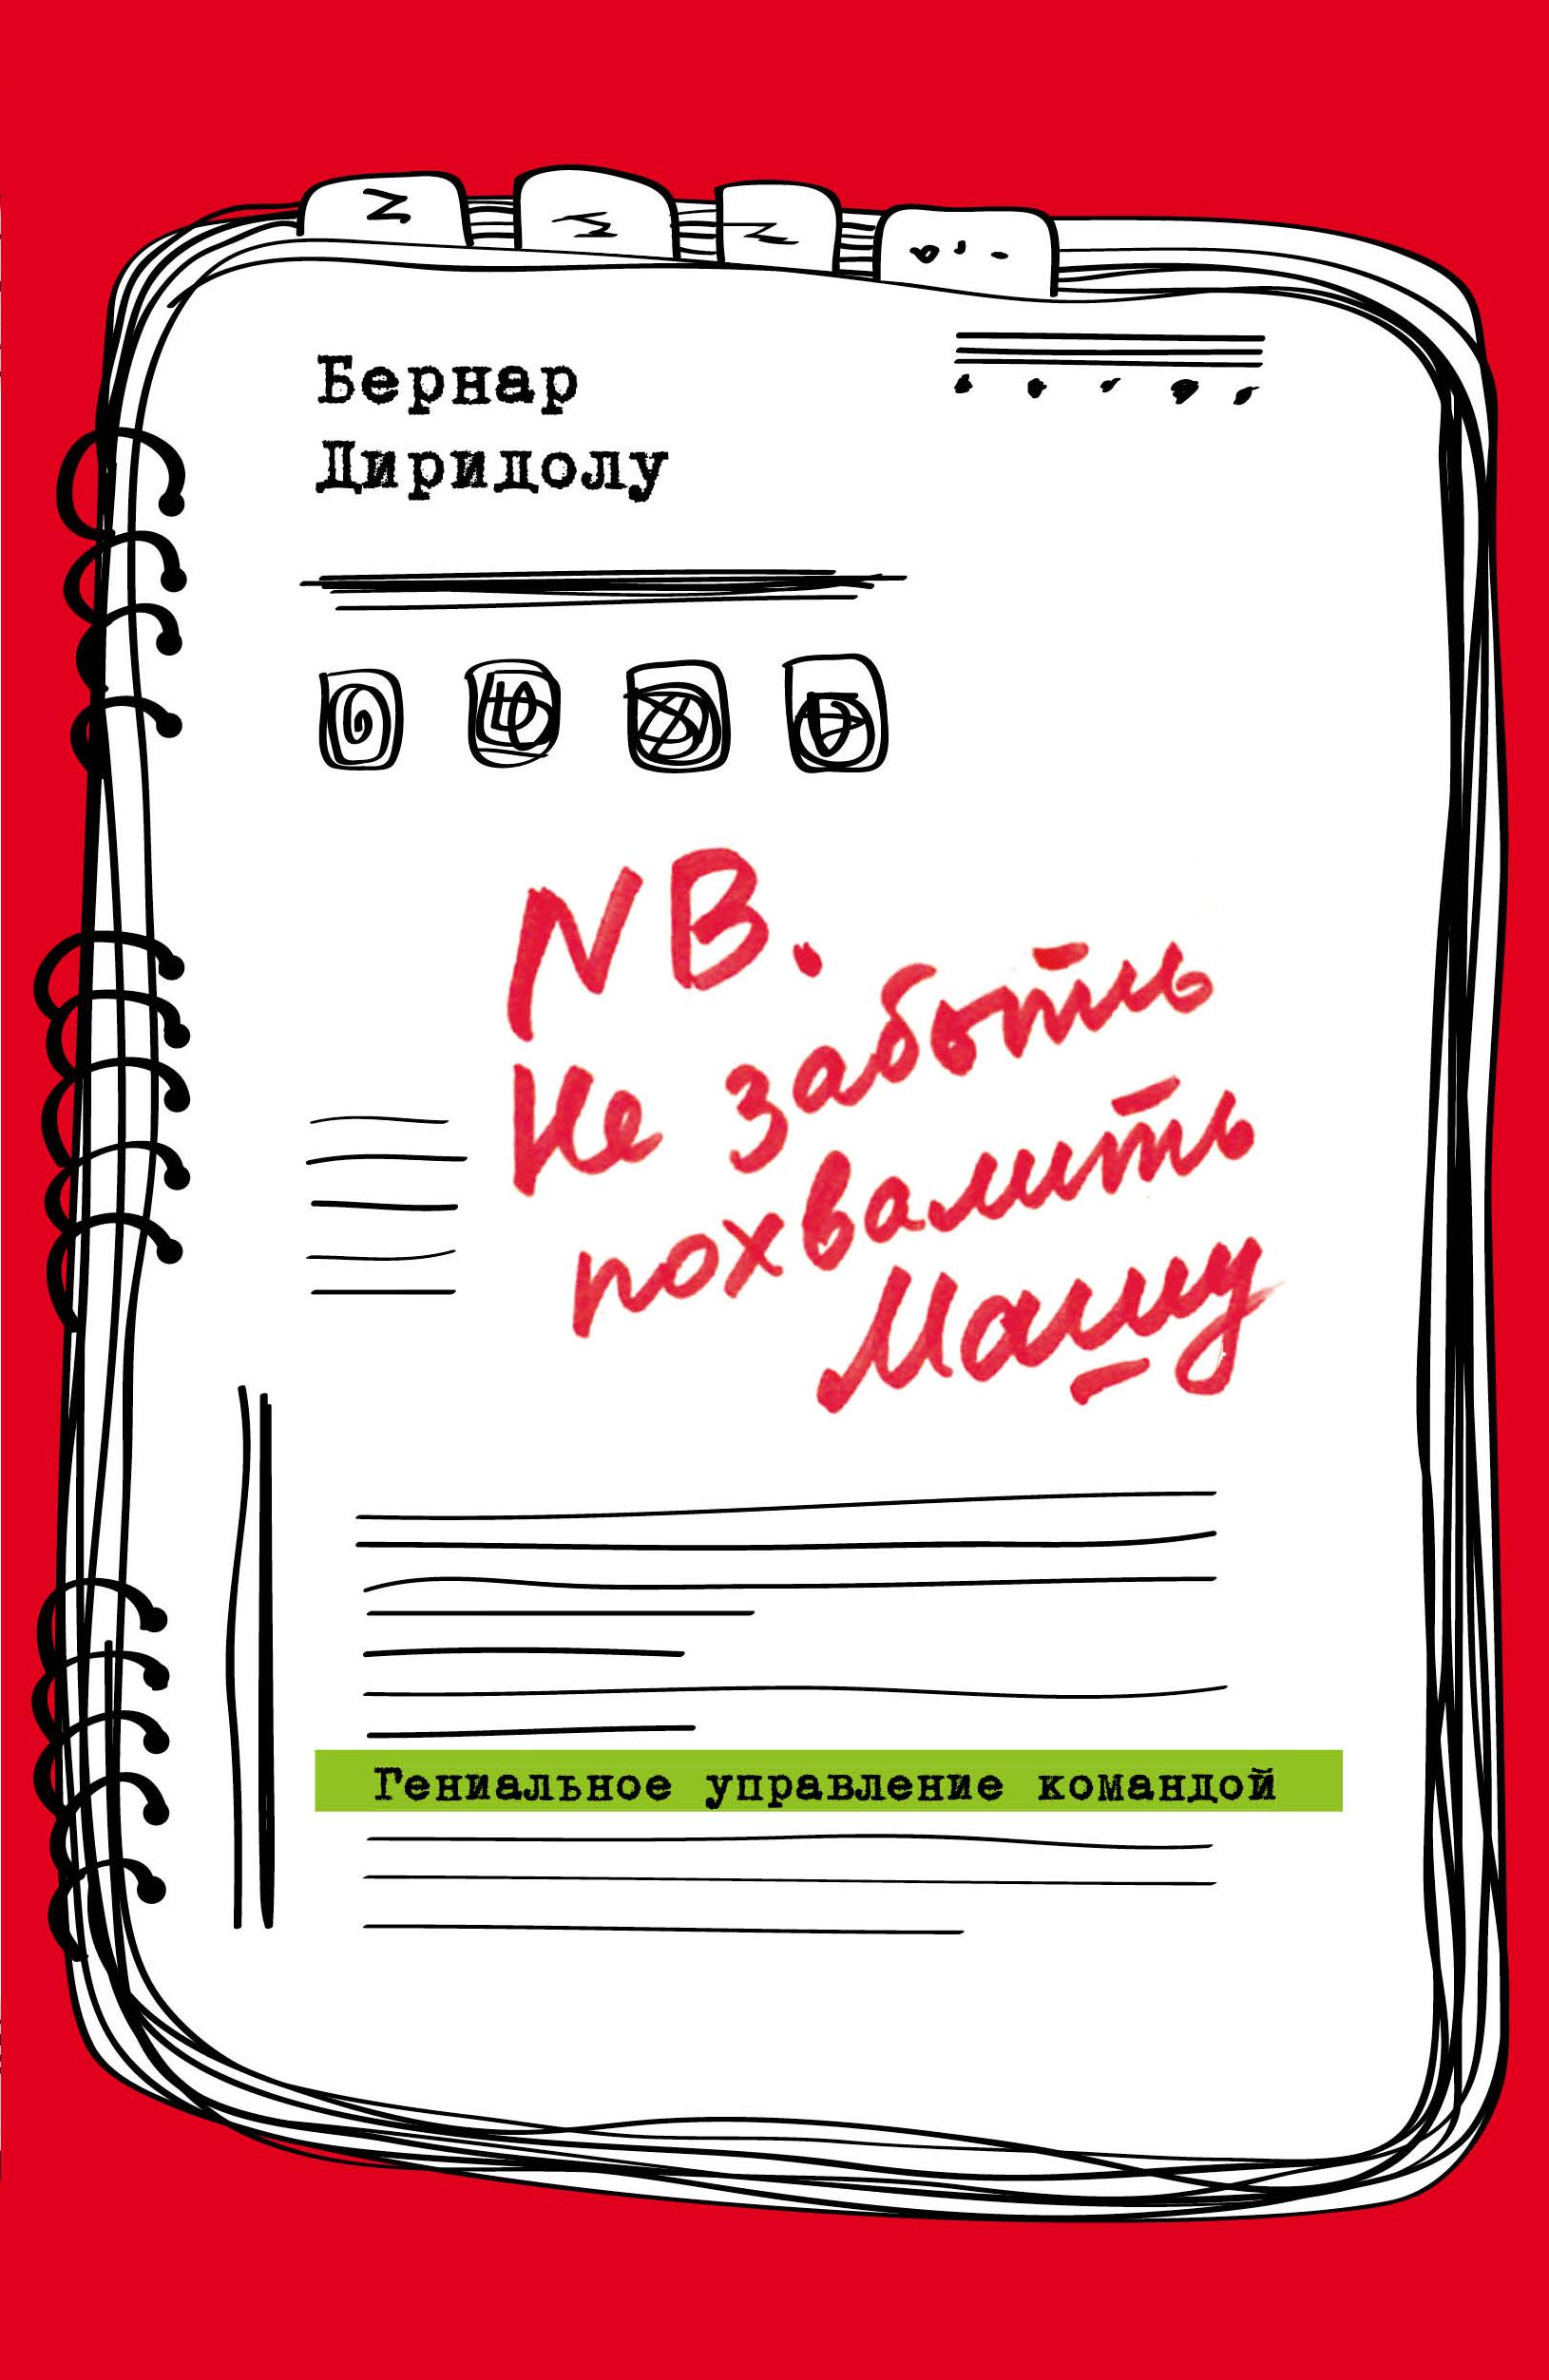 Обложка книги NB. Не забыть похвалить Машу. Гениальное управление командой